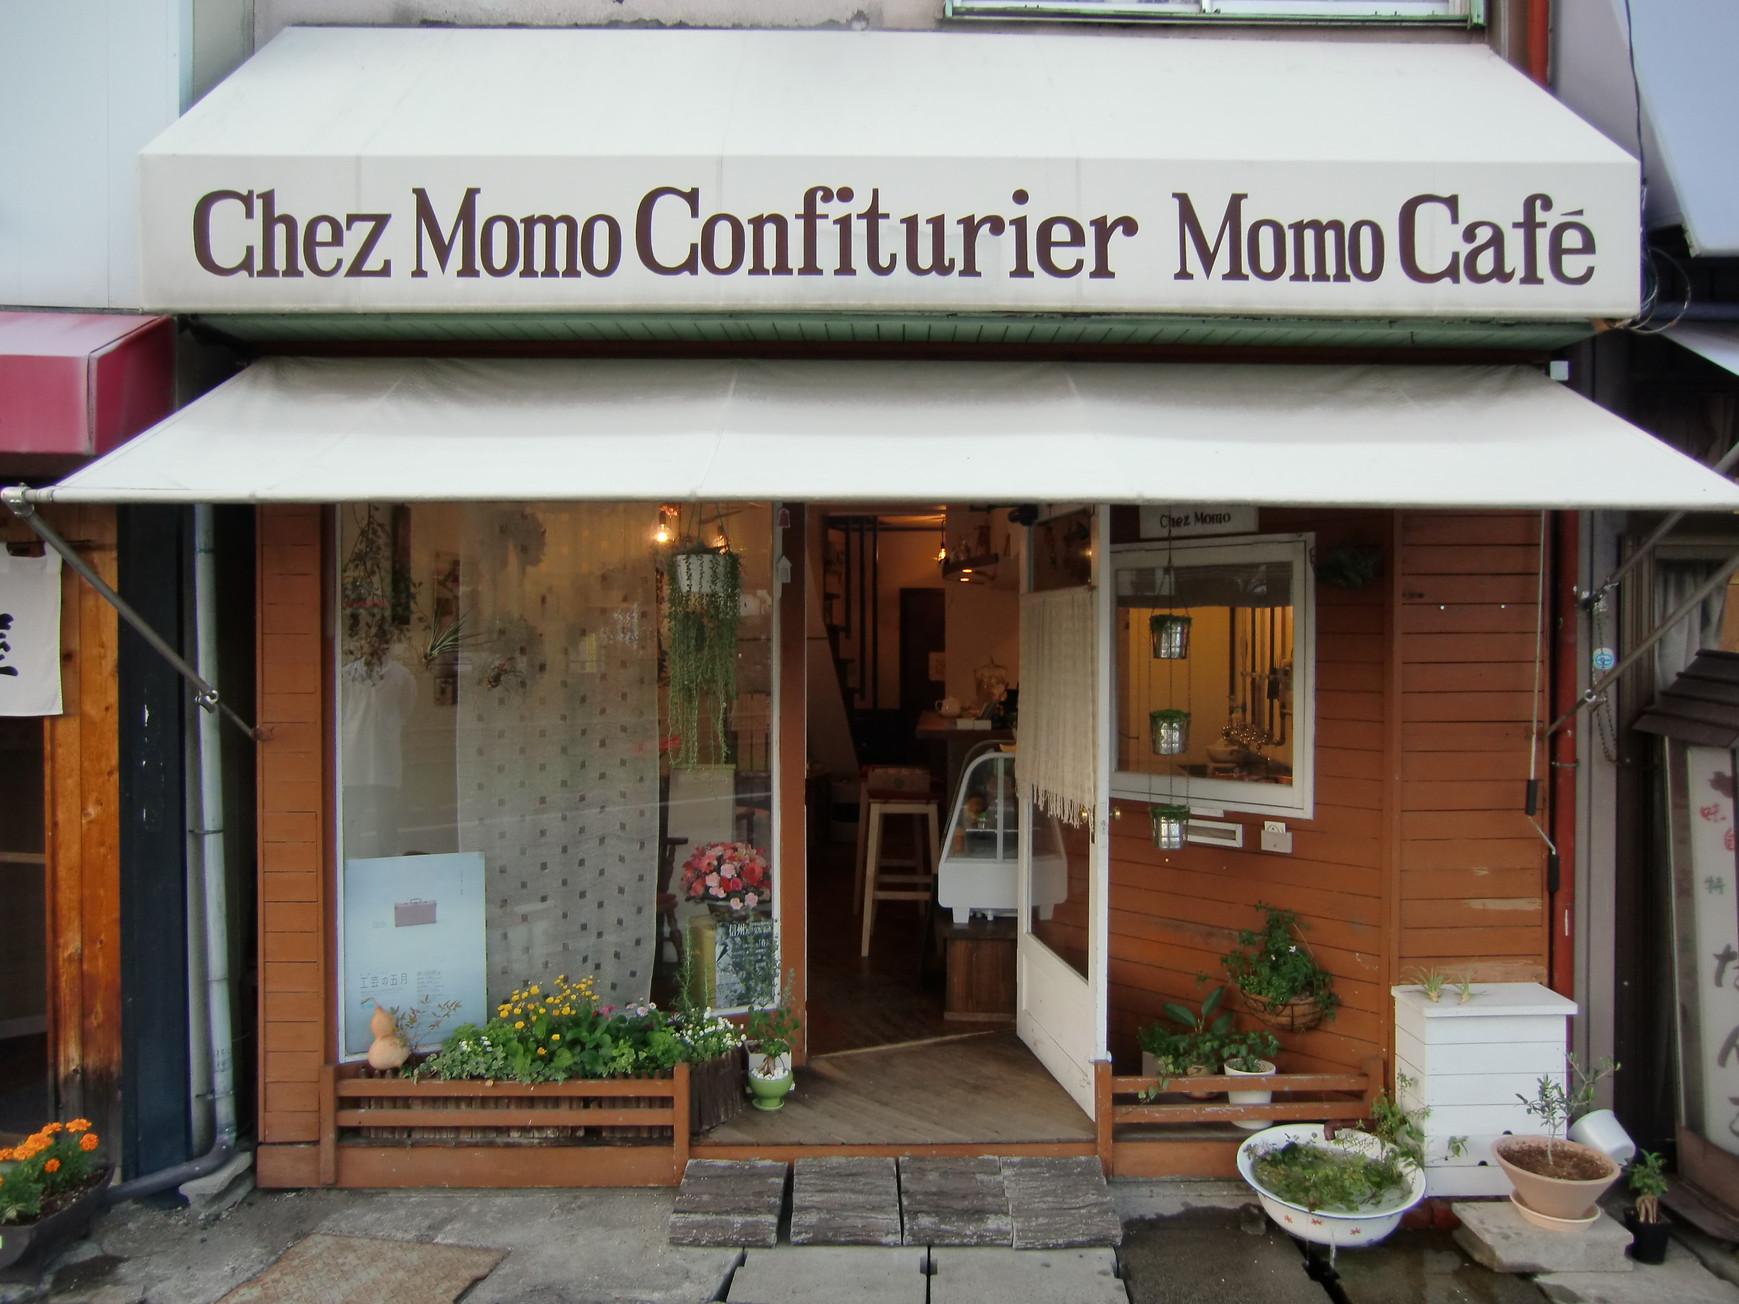 Momo Cafe name=